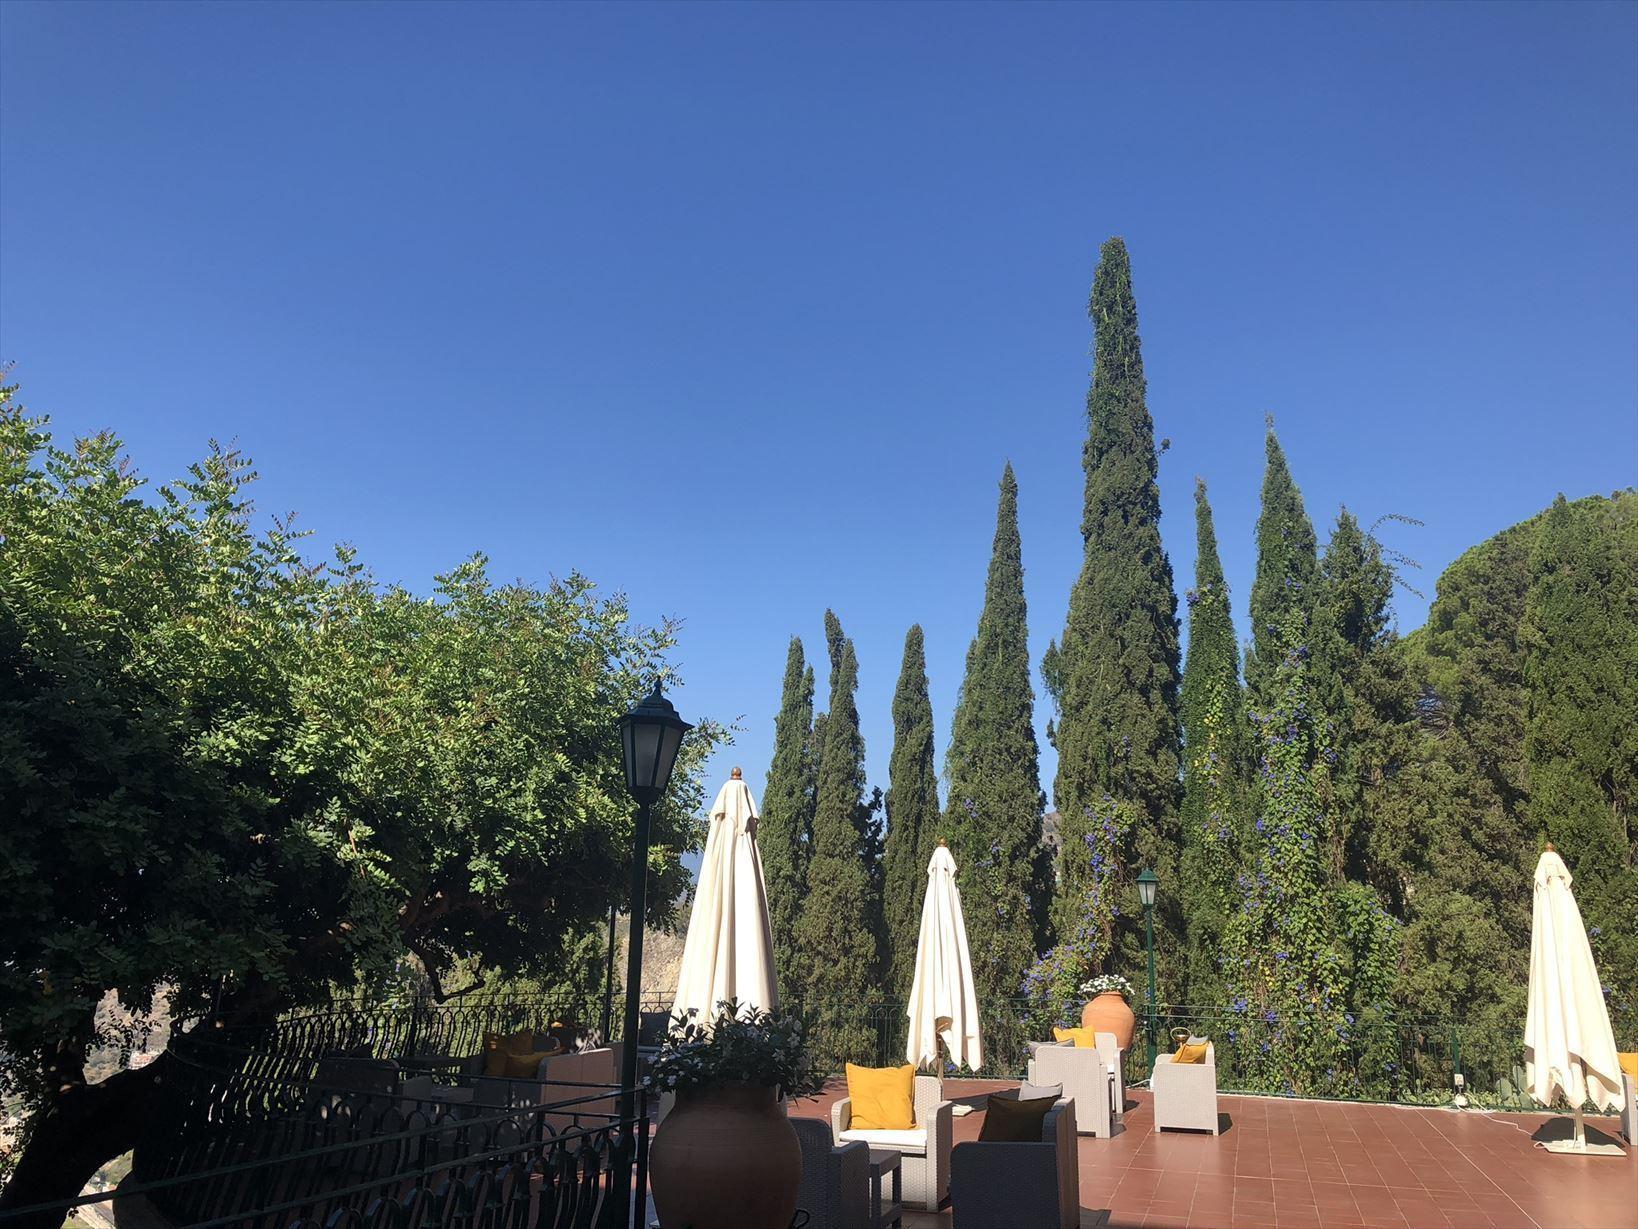 シチリア/41 タオルミーナのホテル Villa Diodoro_a0092659_18093525.jpg